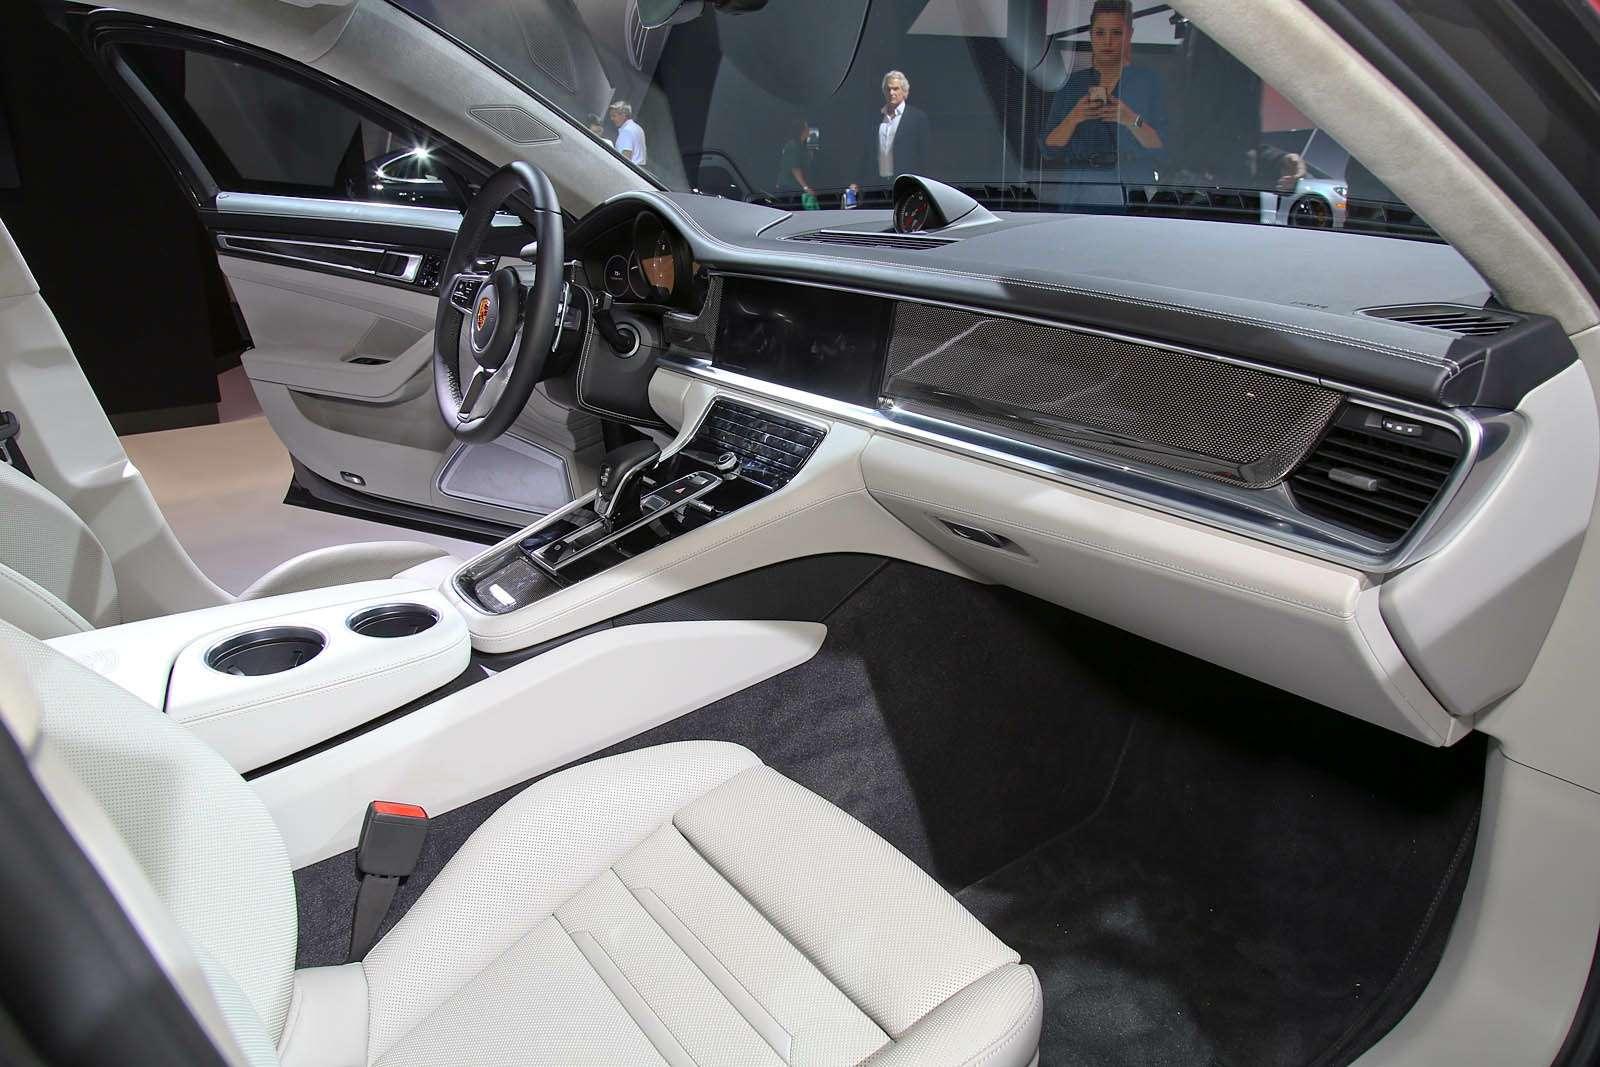 Быстрая немецкая «такса»: длиннобазная Porsche Panamera приехала вЛос-Анджелес— фото 665243